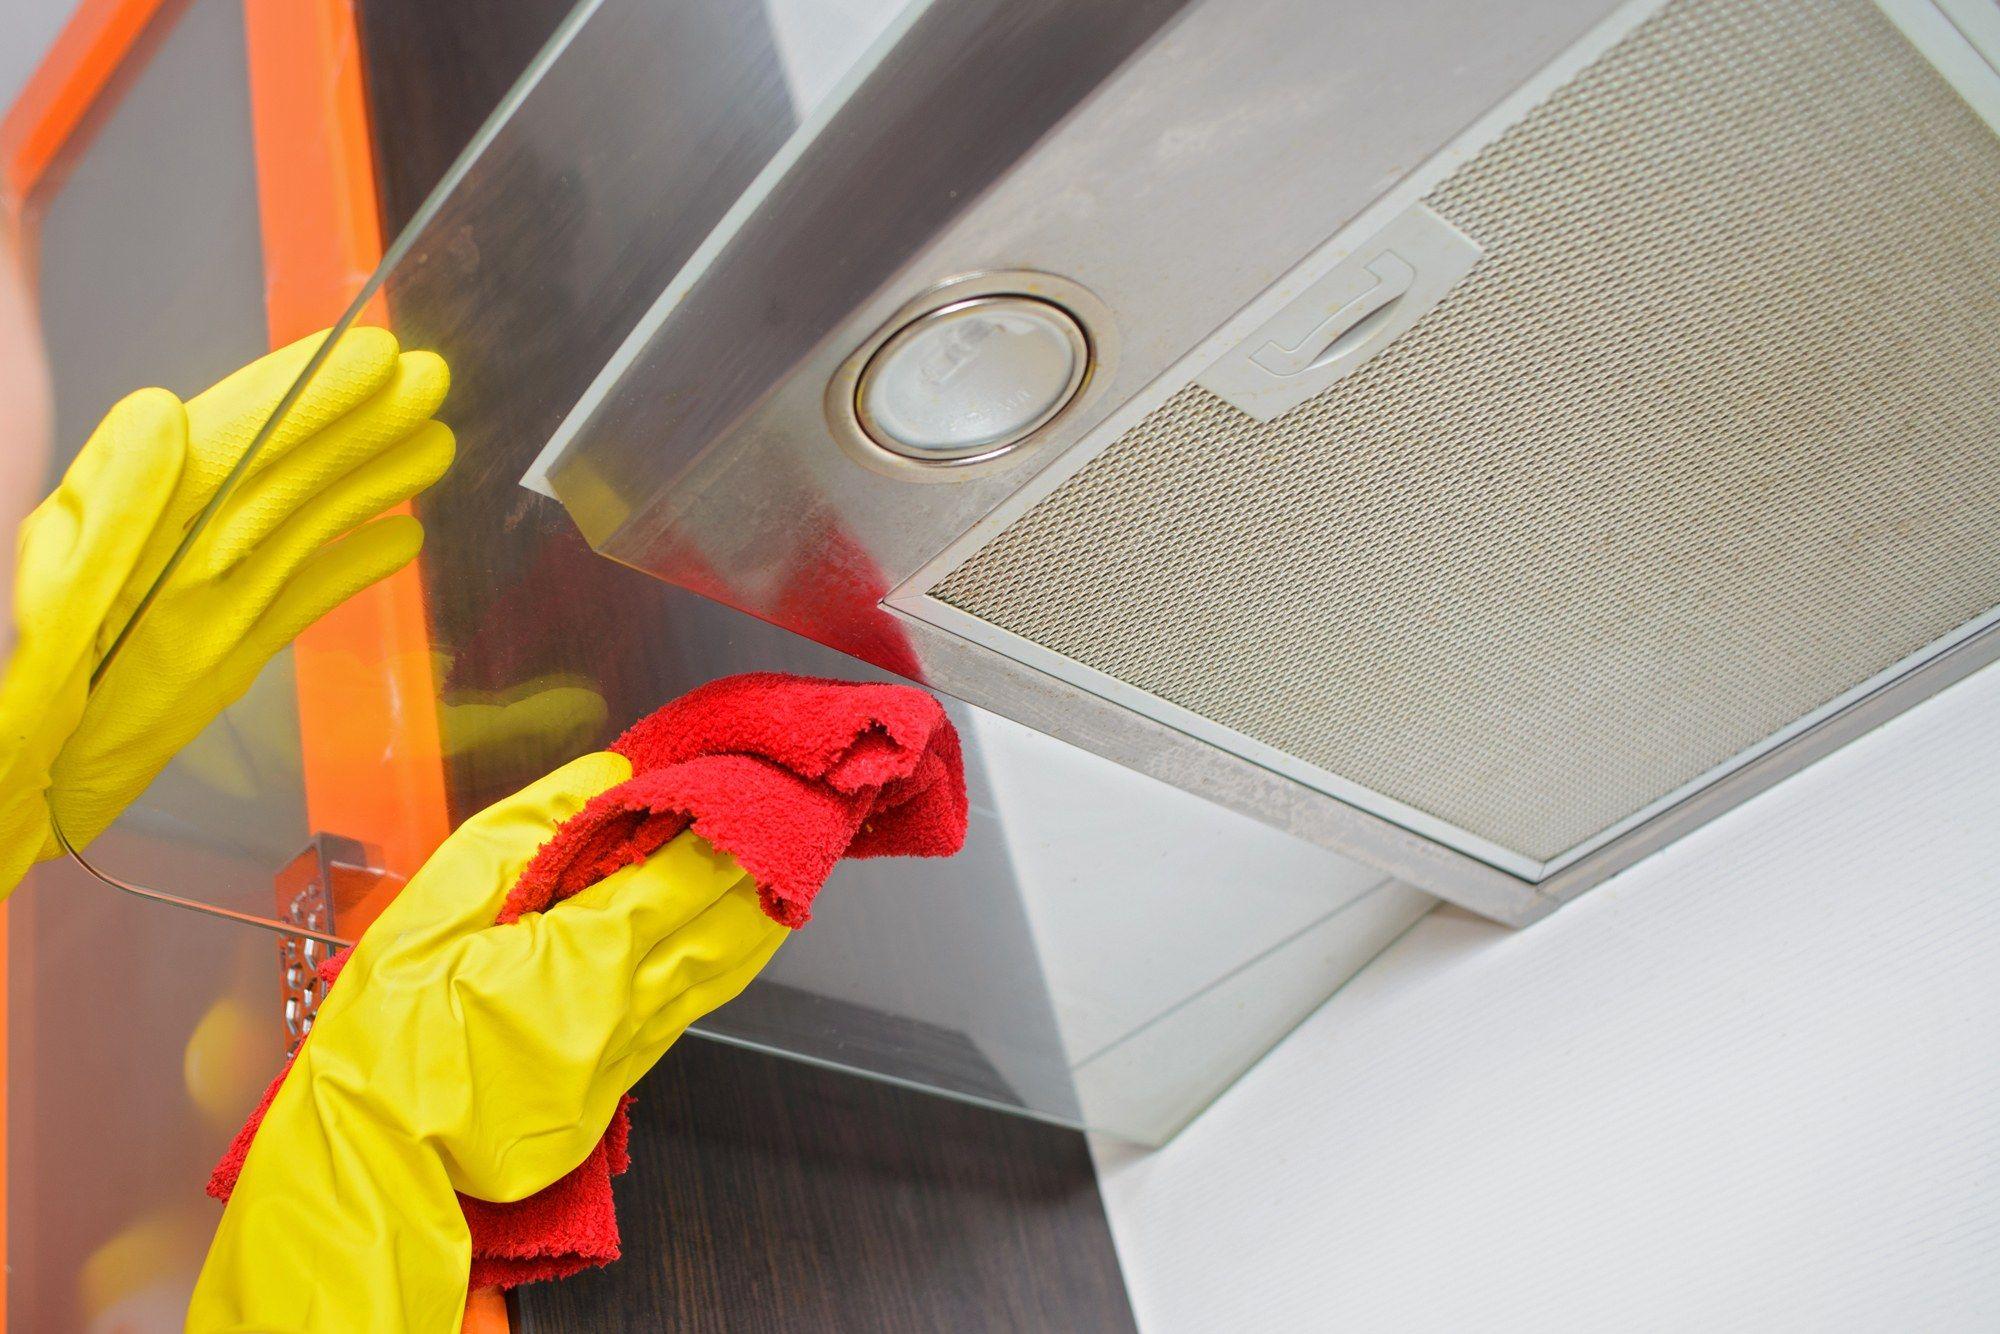 تمیز کردن هود آشپزخانه با شوینده